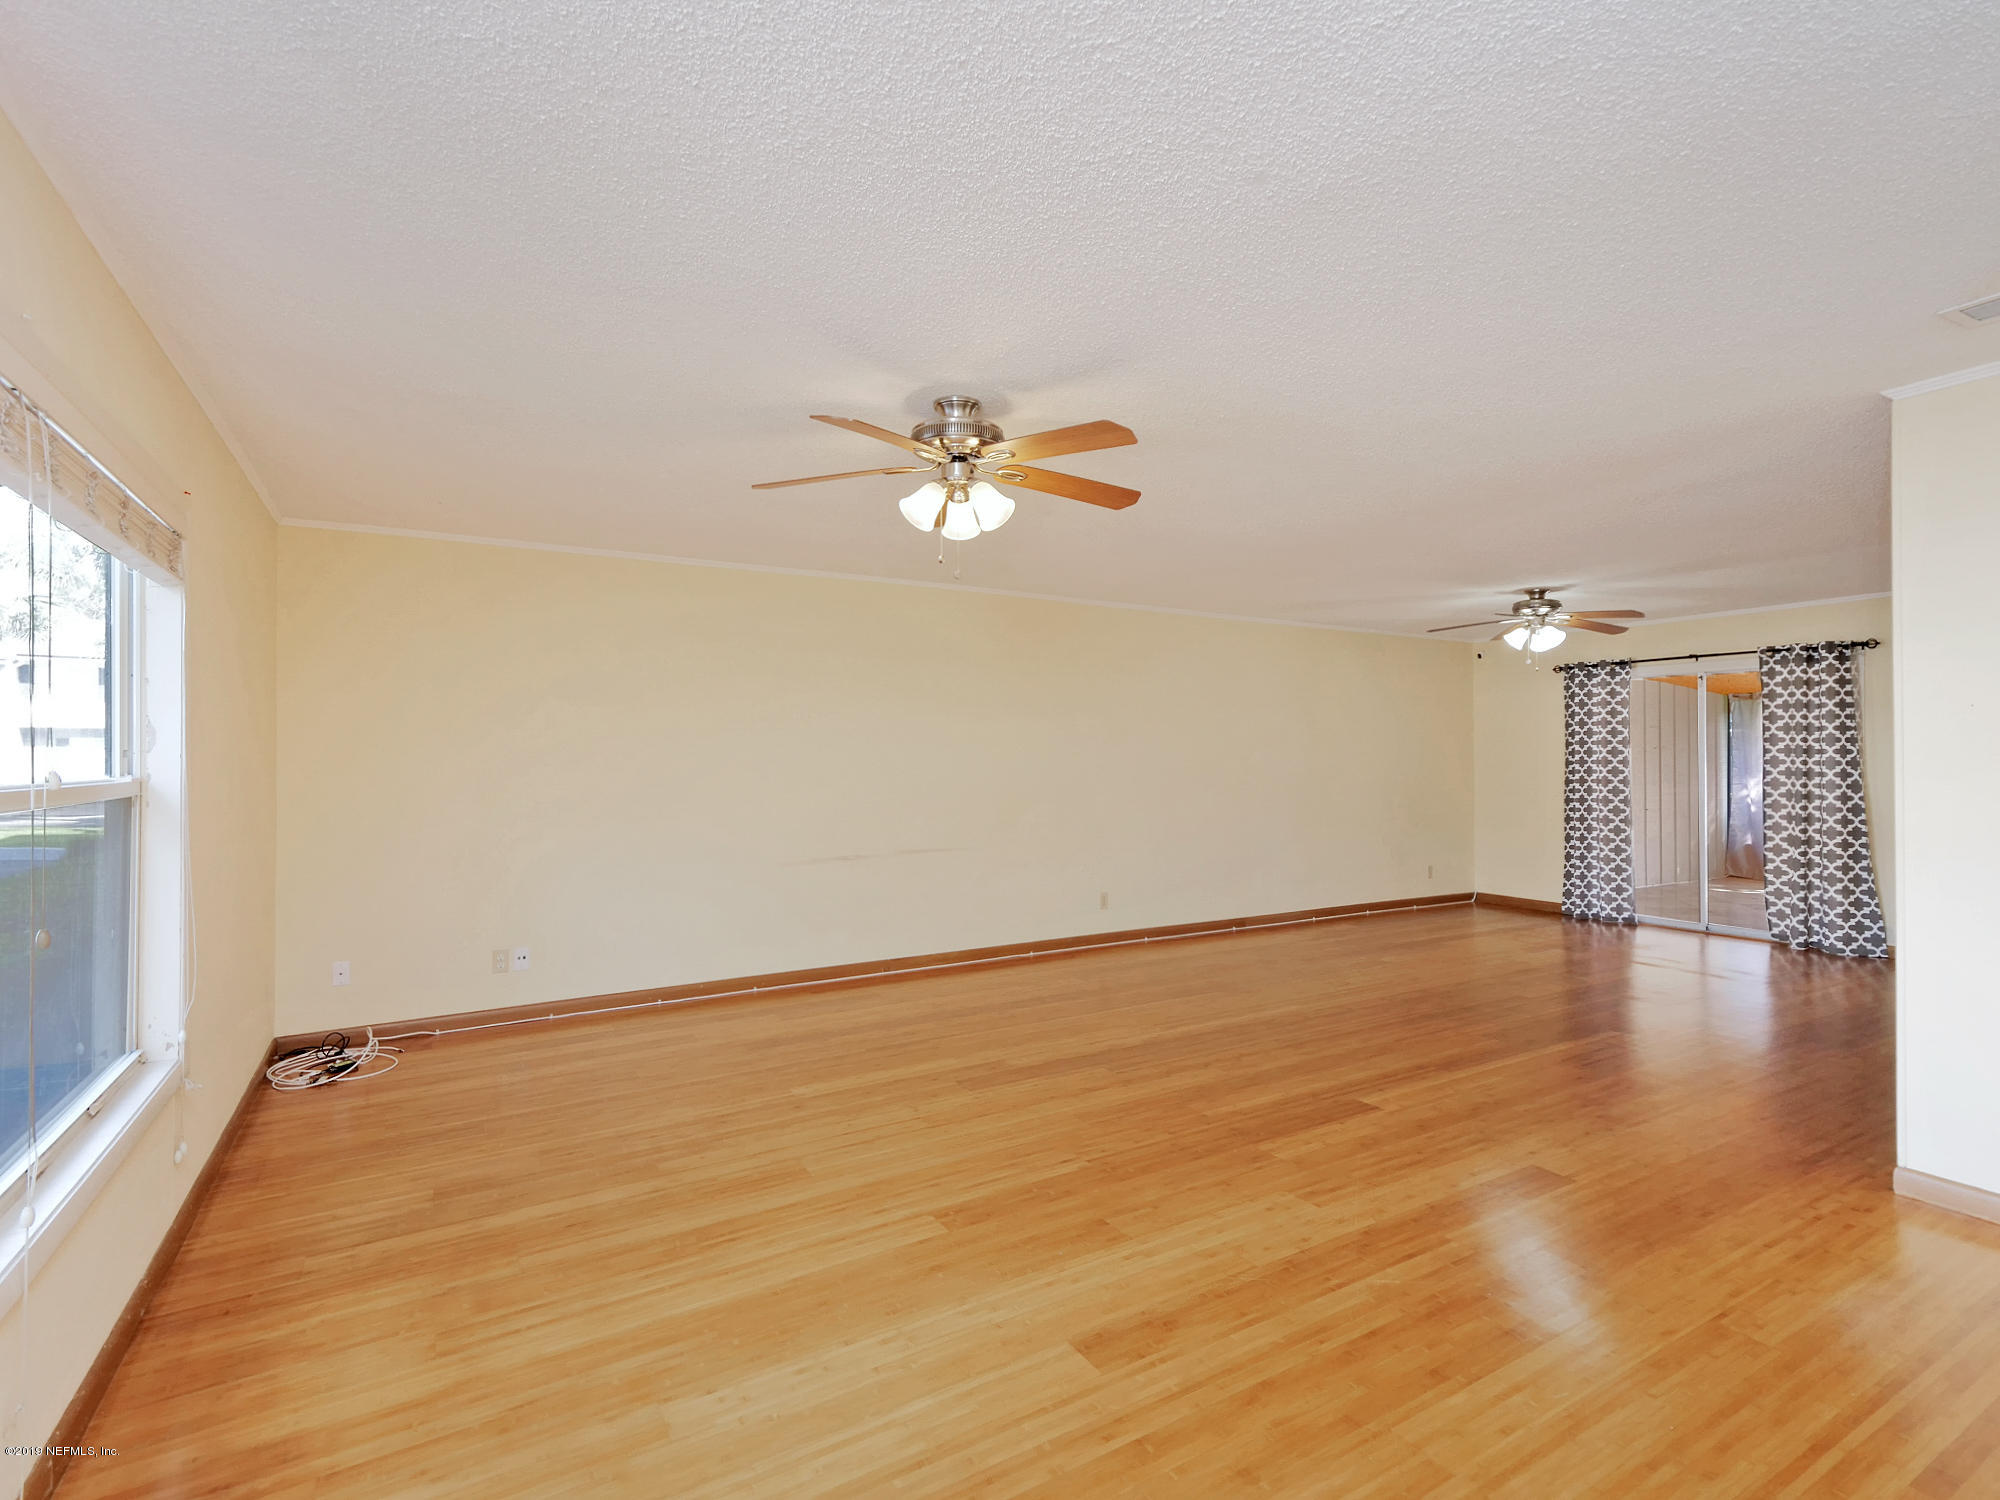 695 A1A- PONTE VEDRA BEACH- FLORIDA 32082, 3 Bedrooms Bedrooms, ,2 BathroomsBathrooms,Condo,For sale,A1A,1018647